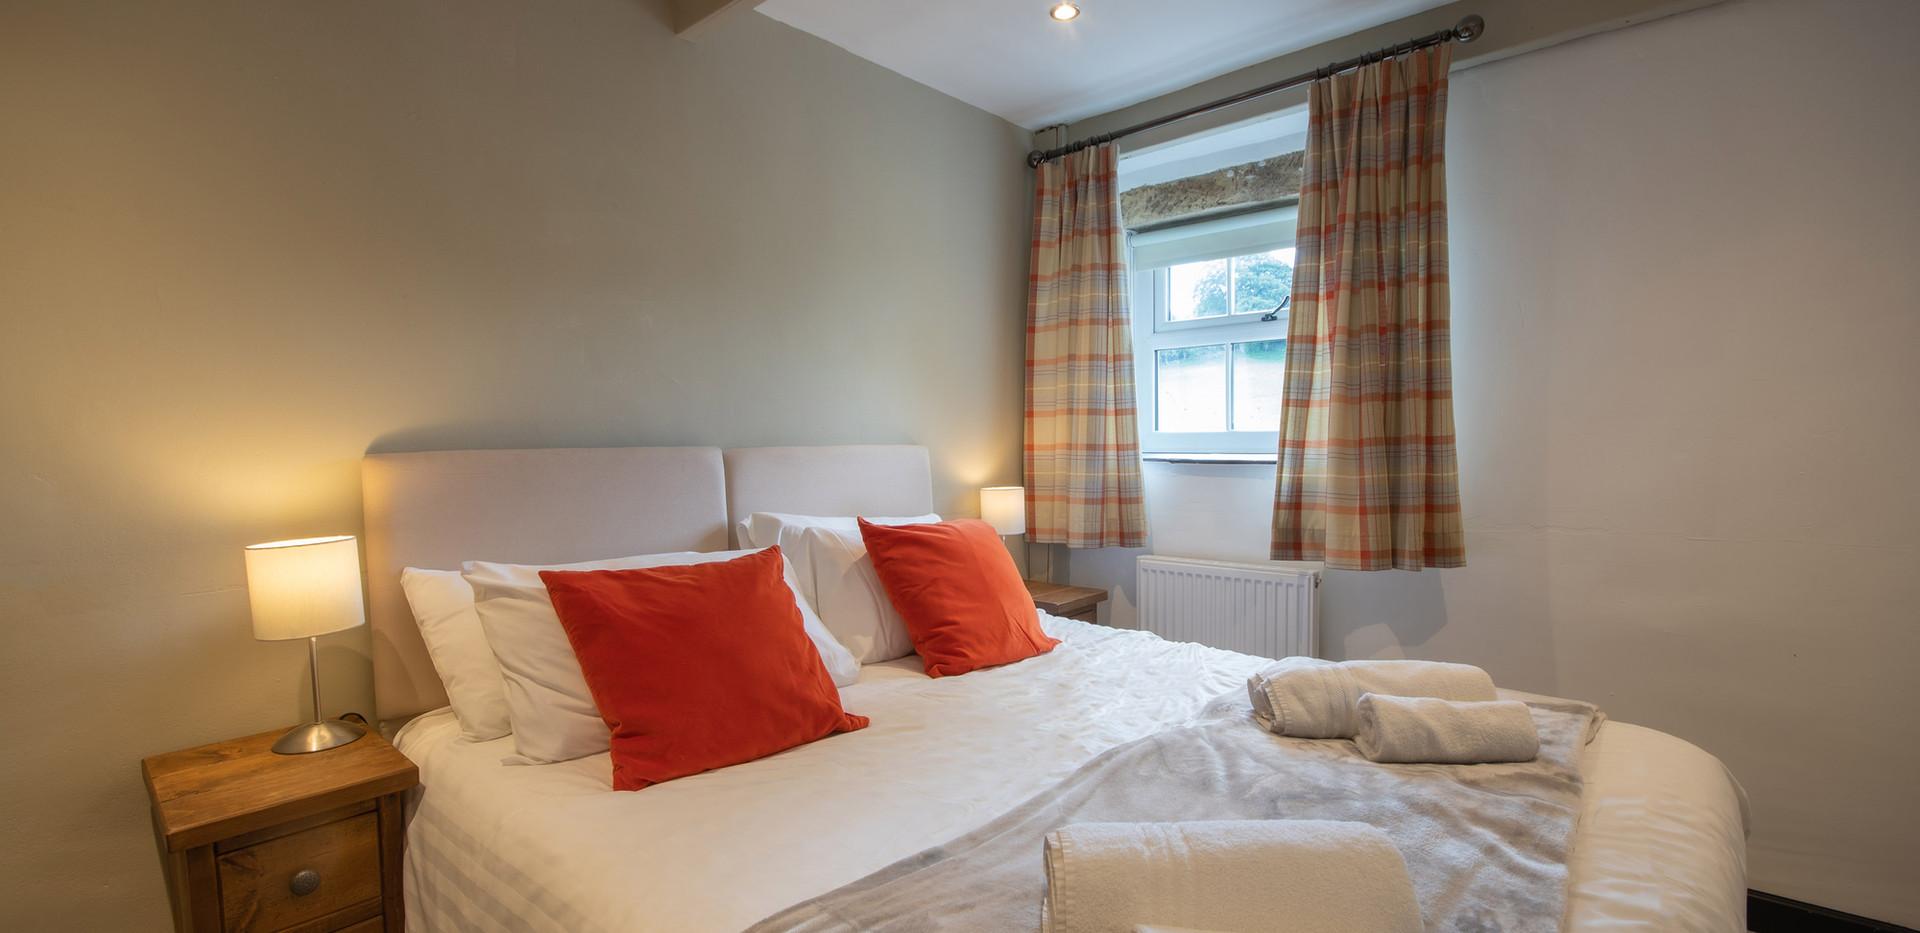 Lathkill Bedroom 1 (1).jpg